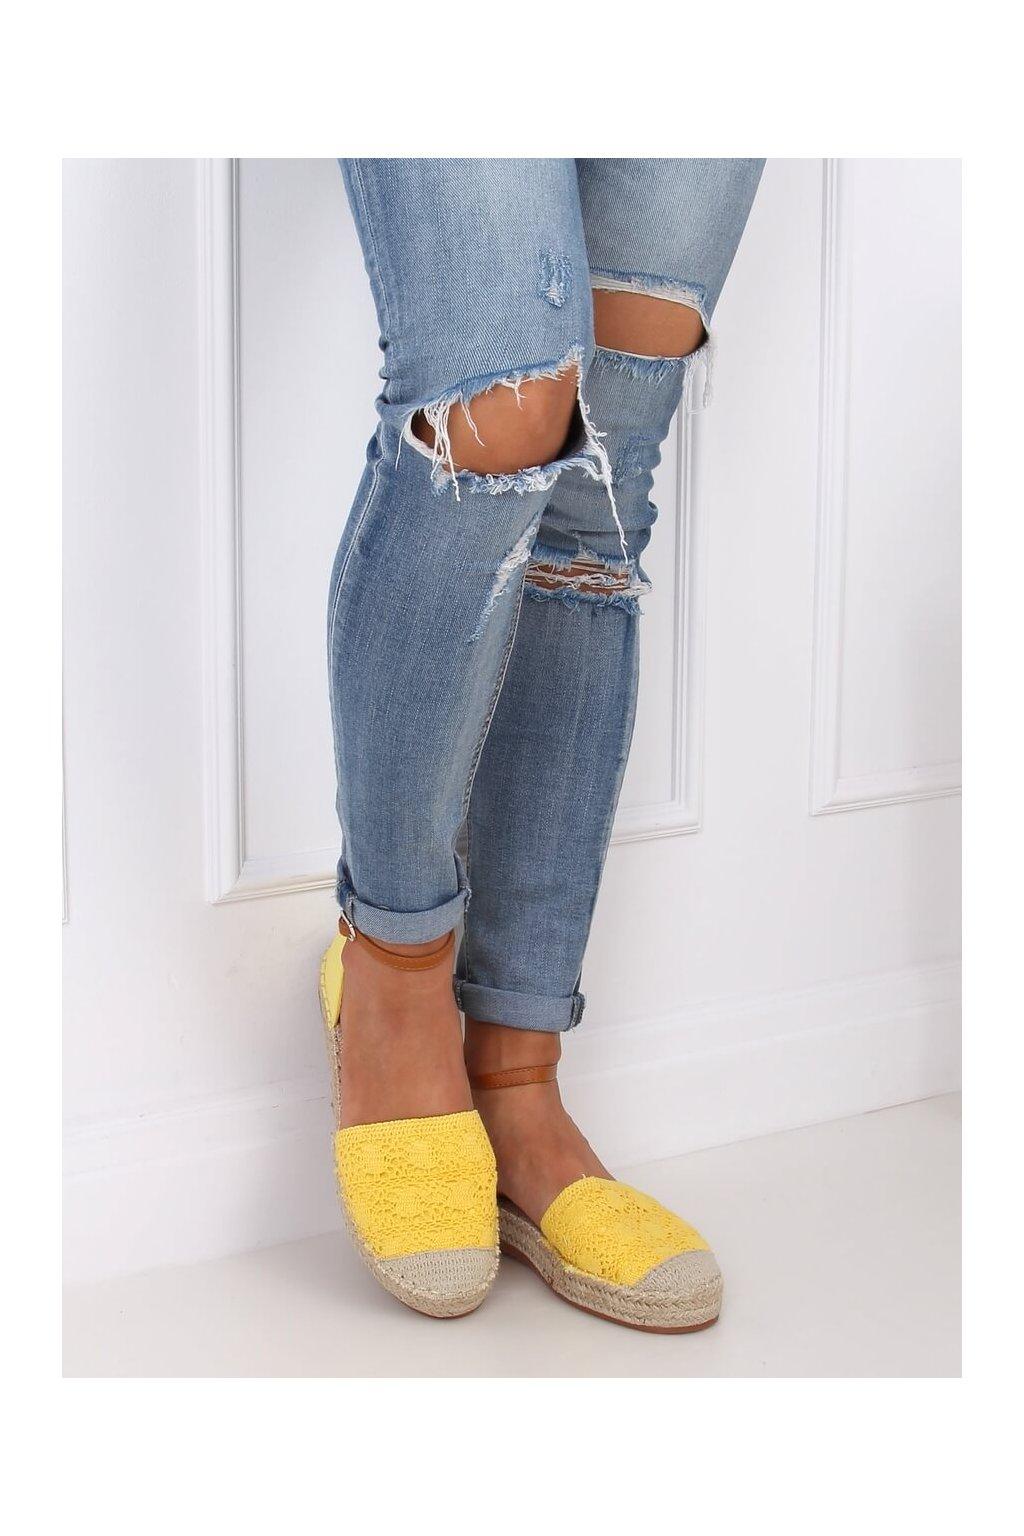 Dámske sandále s plochou podrážkou žlté na plochom podpätku 3035